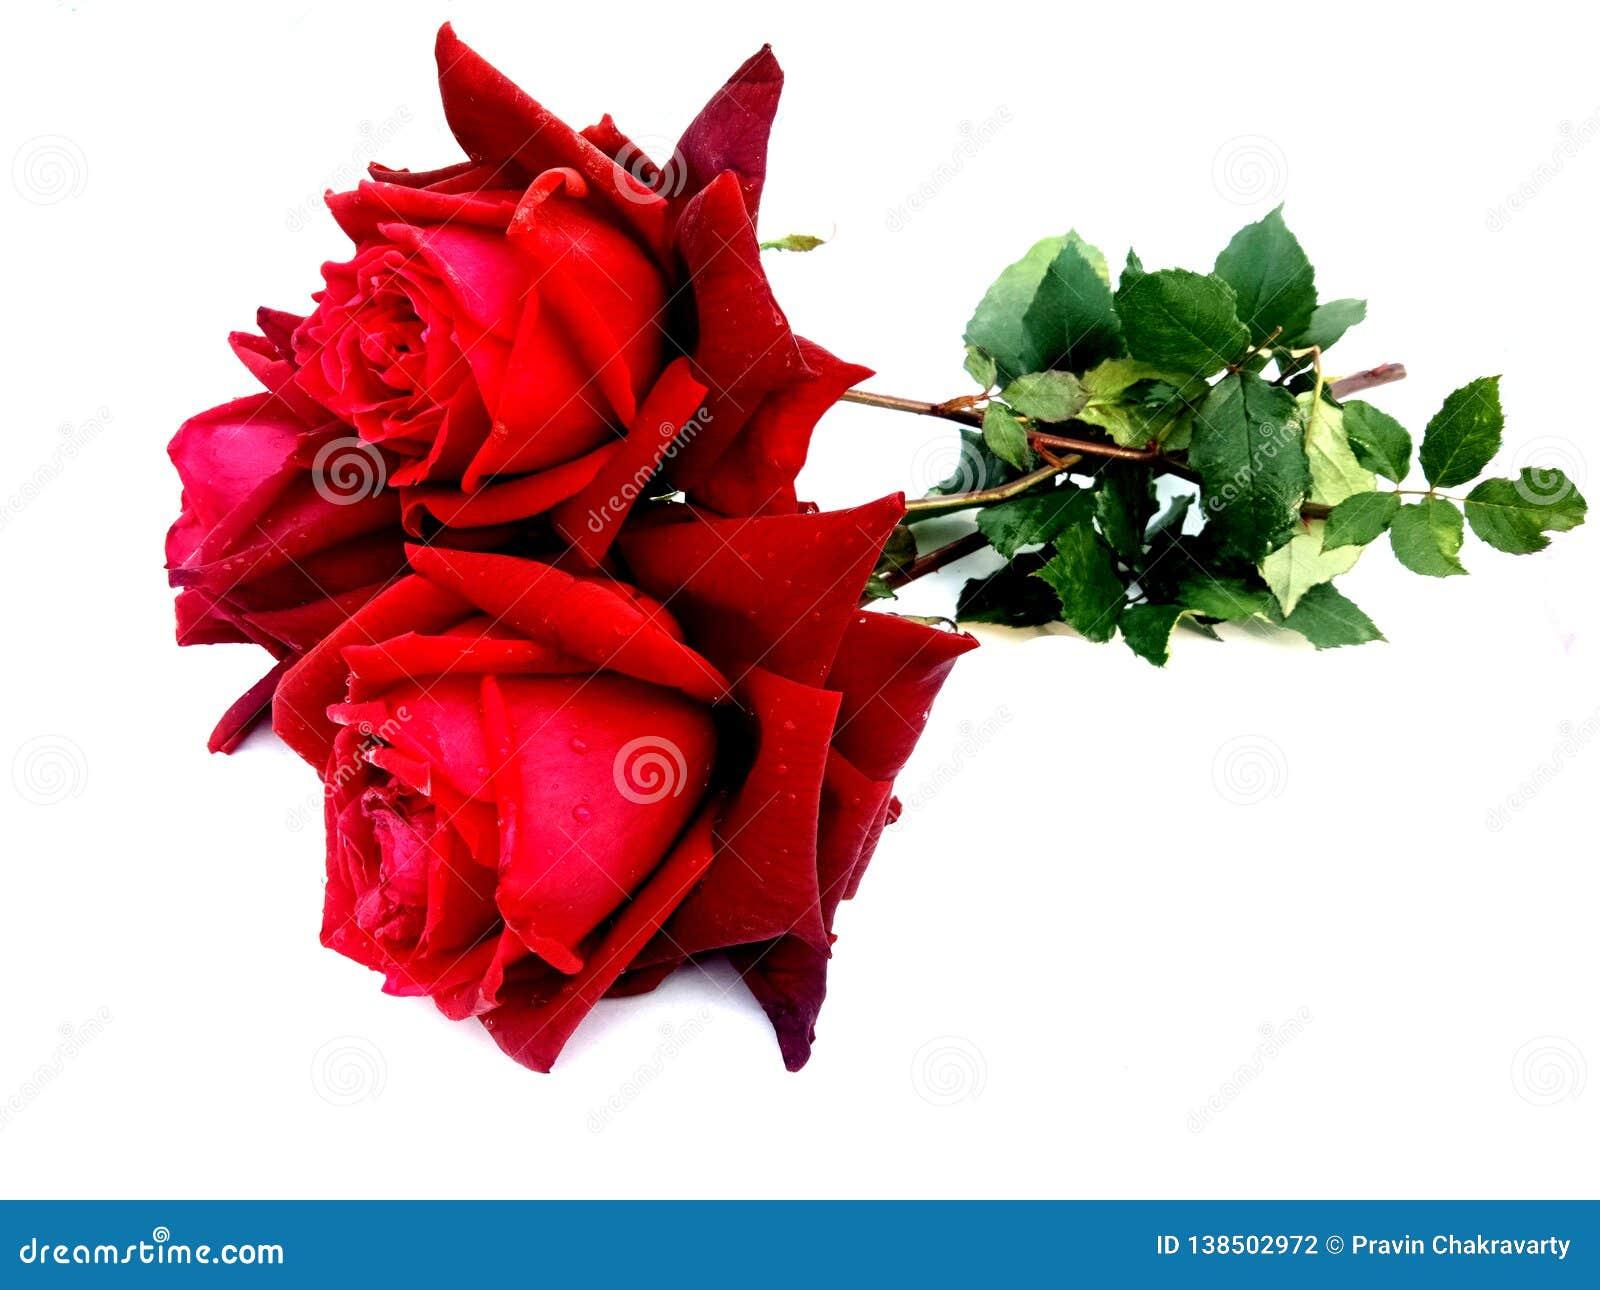 Rose Rose Isolated On White Background Stock Photo Image Of Element Stem 138502972